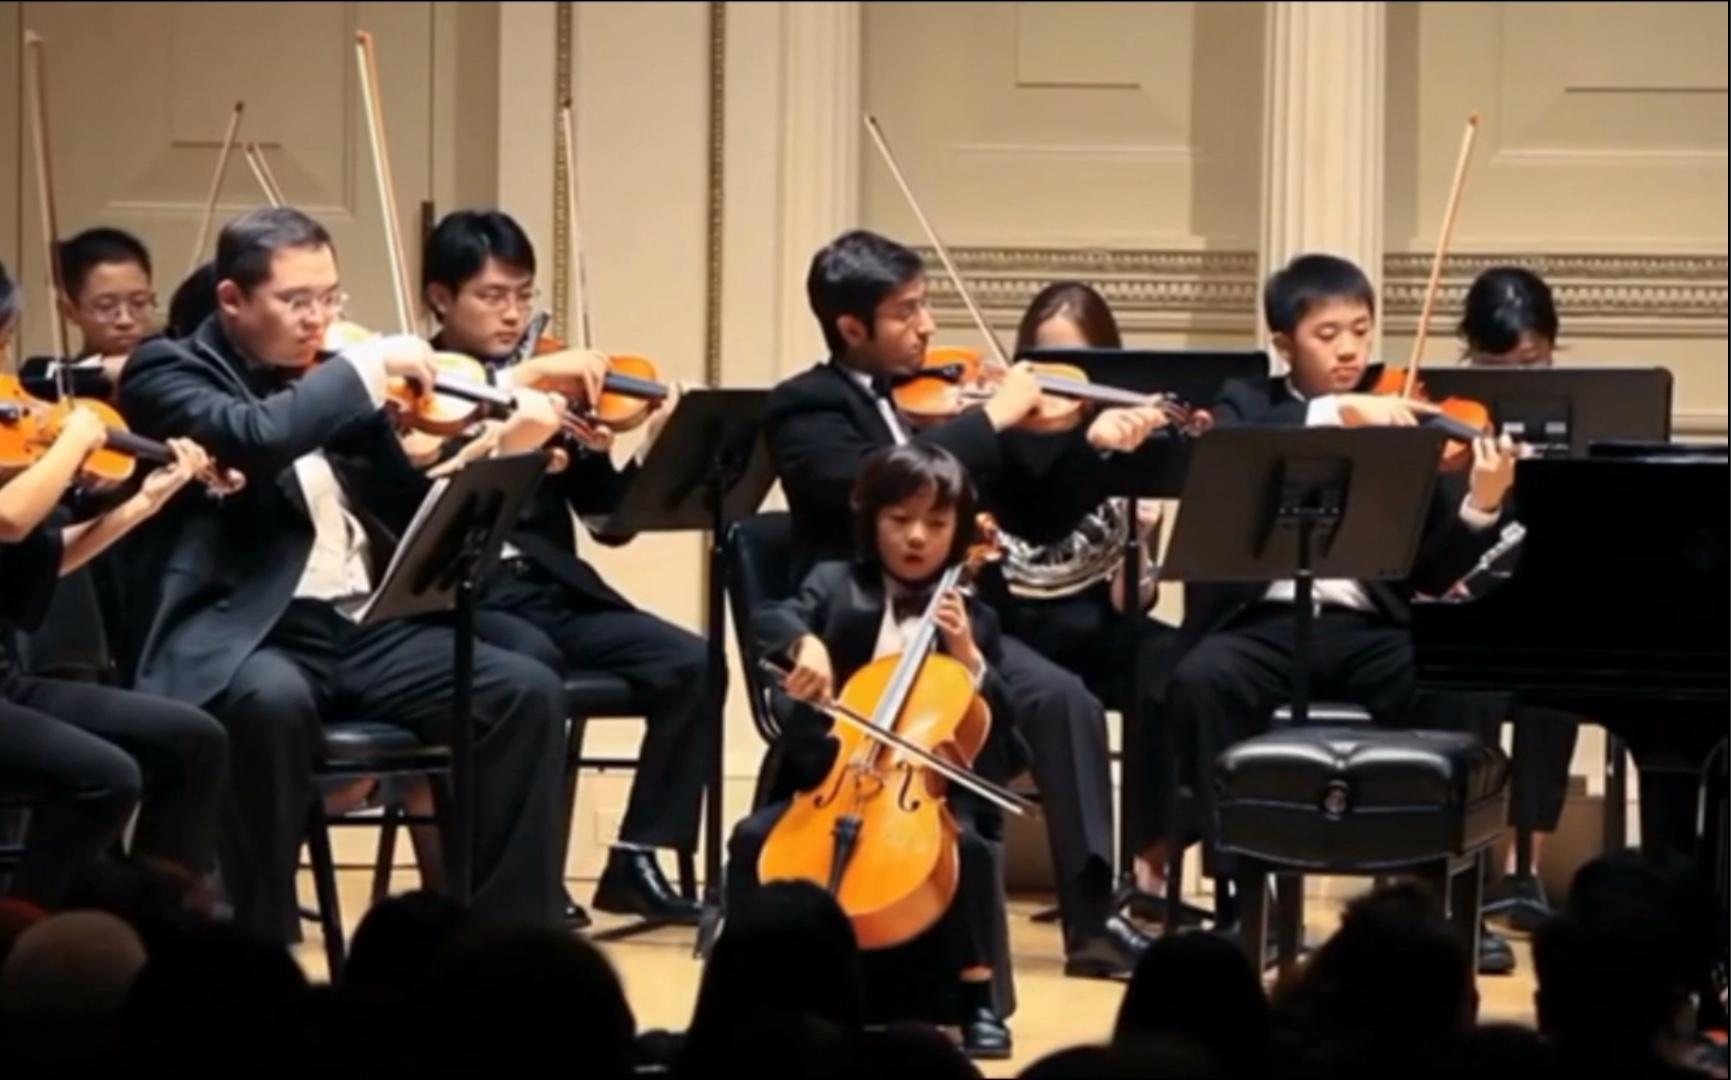 【大提琴】西班牙舞曲 Spanish Dance 演奏者:俞隽 Justin Yu